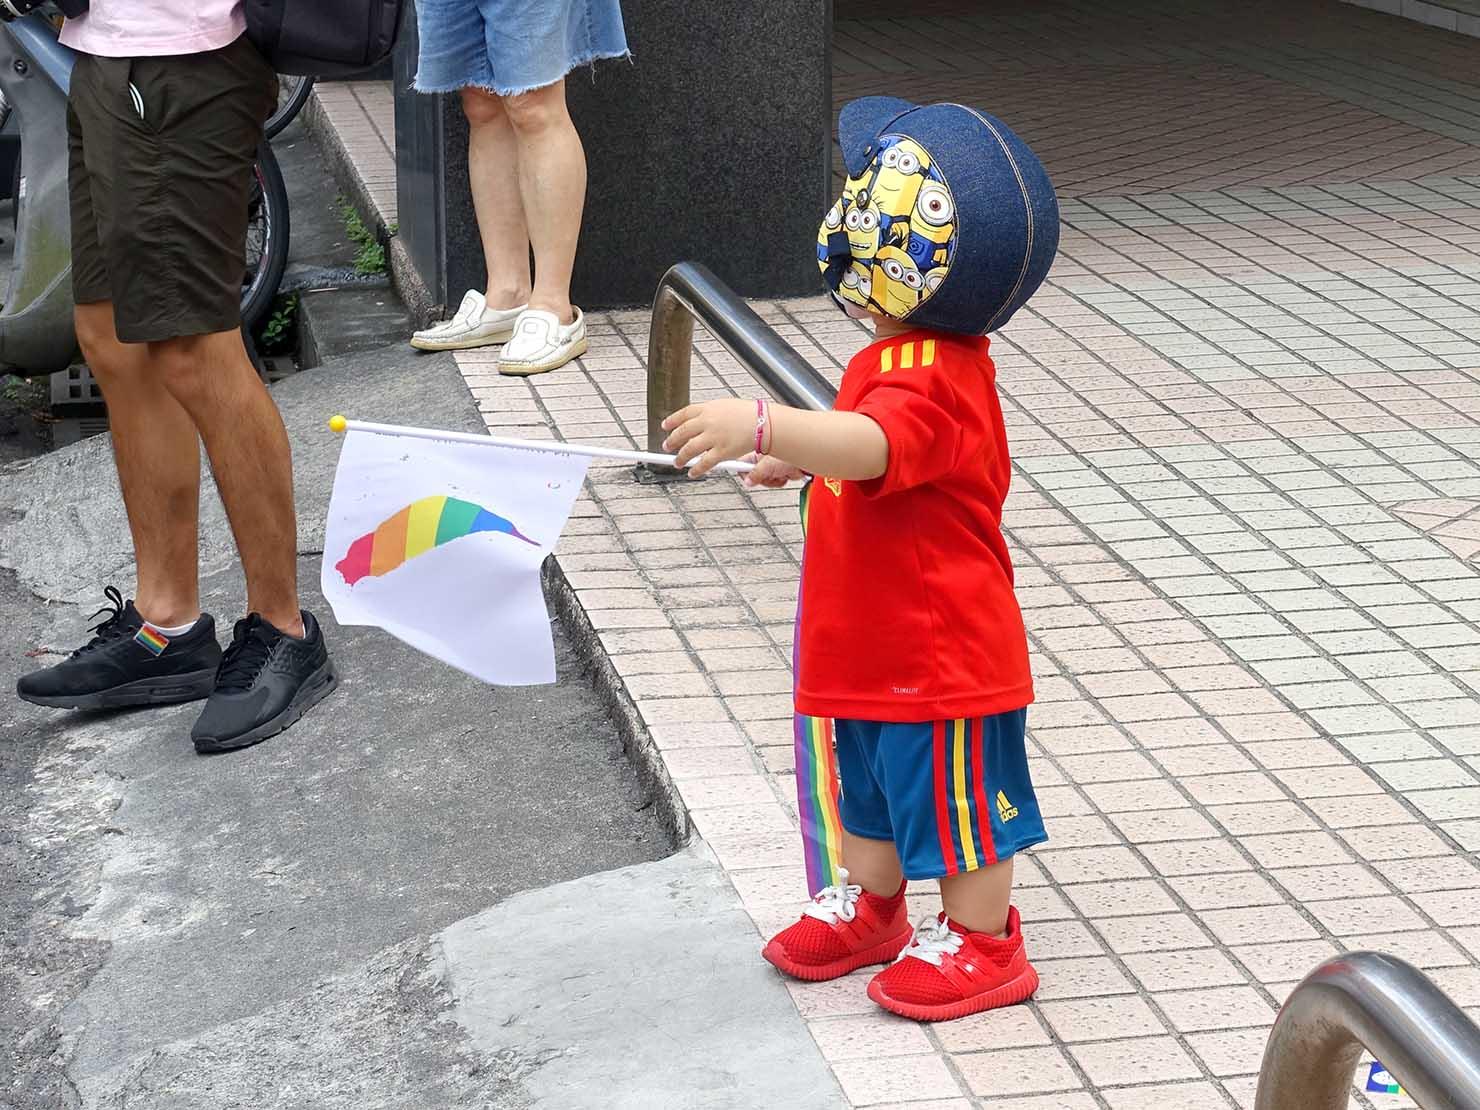 2018年台湾のLGBTプライド「宜蘭驕傲大遊行(宜蘭プライド)」パレードに参加する男の子